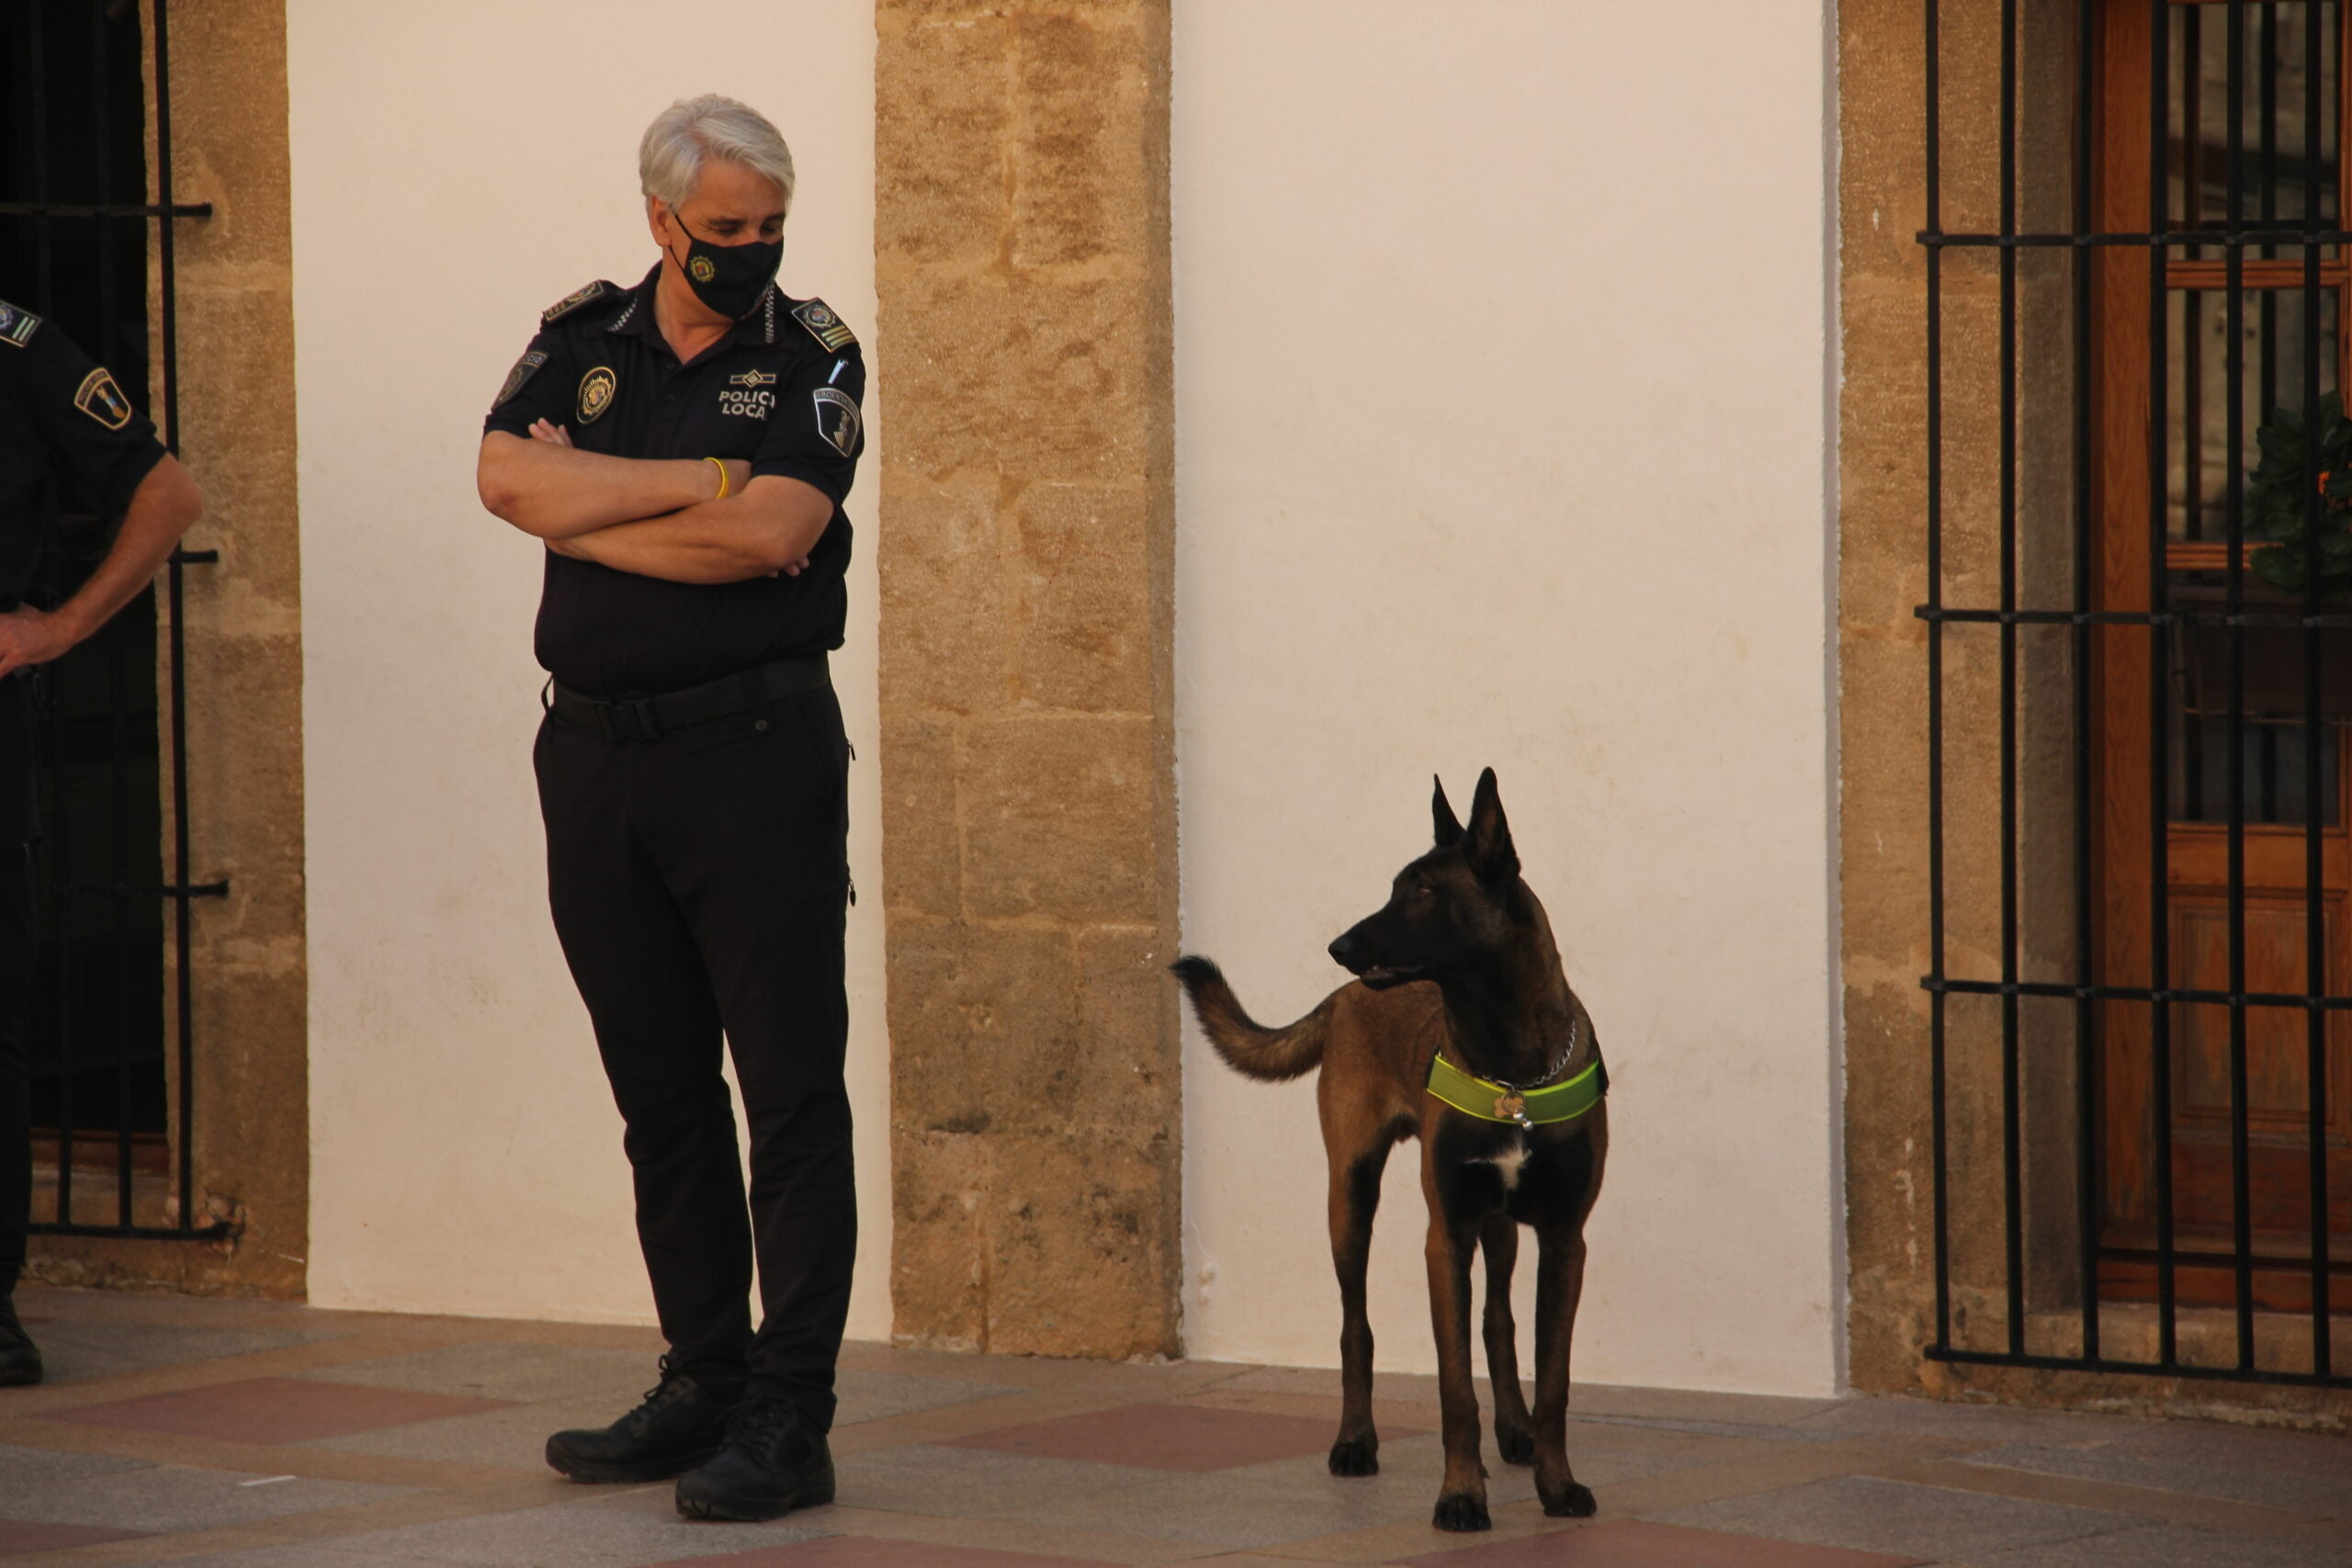 Khalan junto al Intendente jefe de la Policía Local